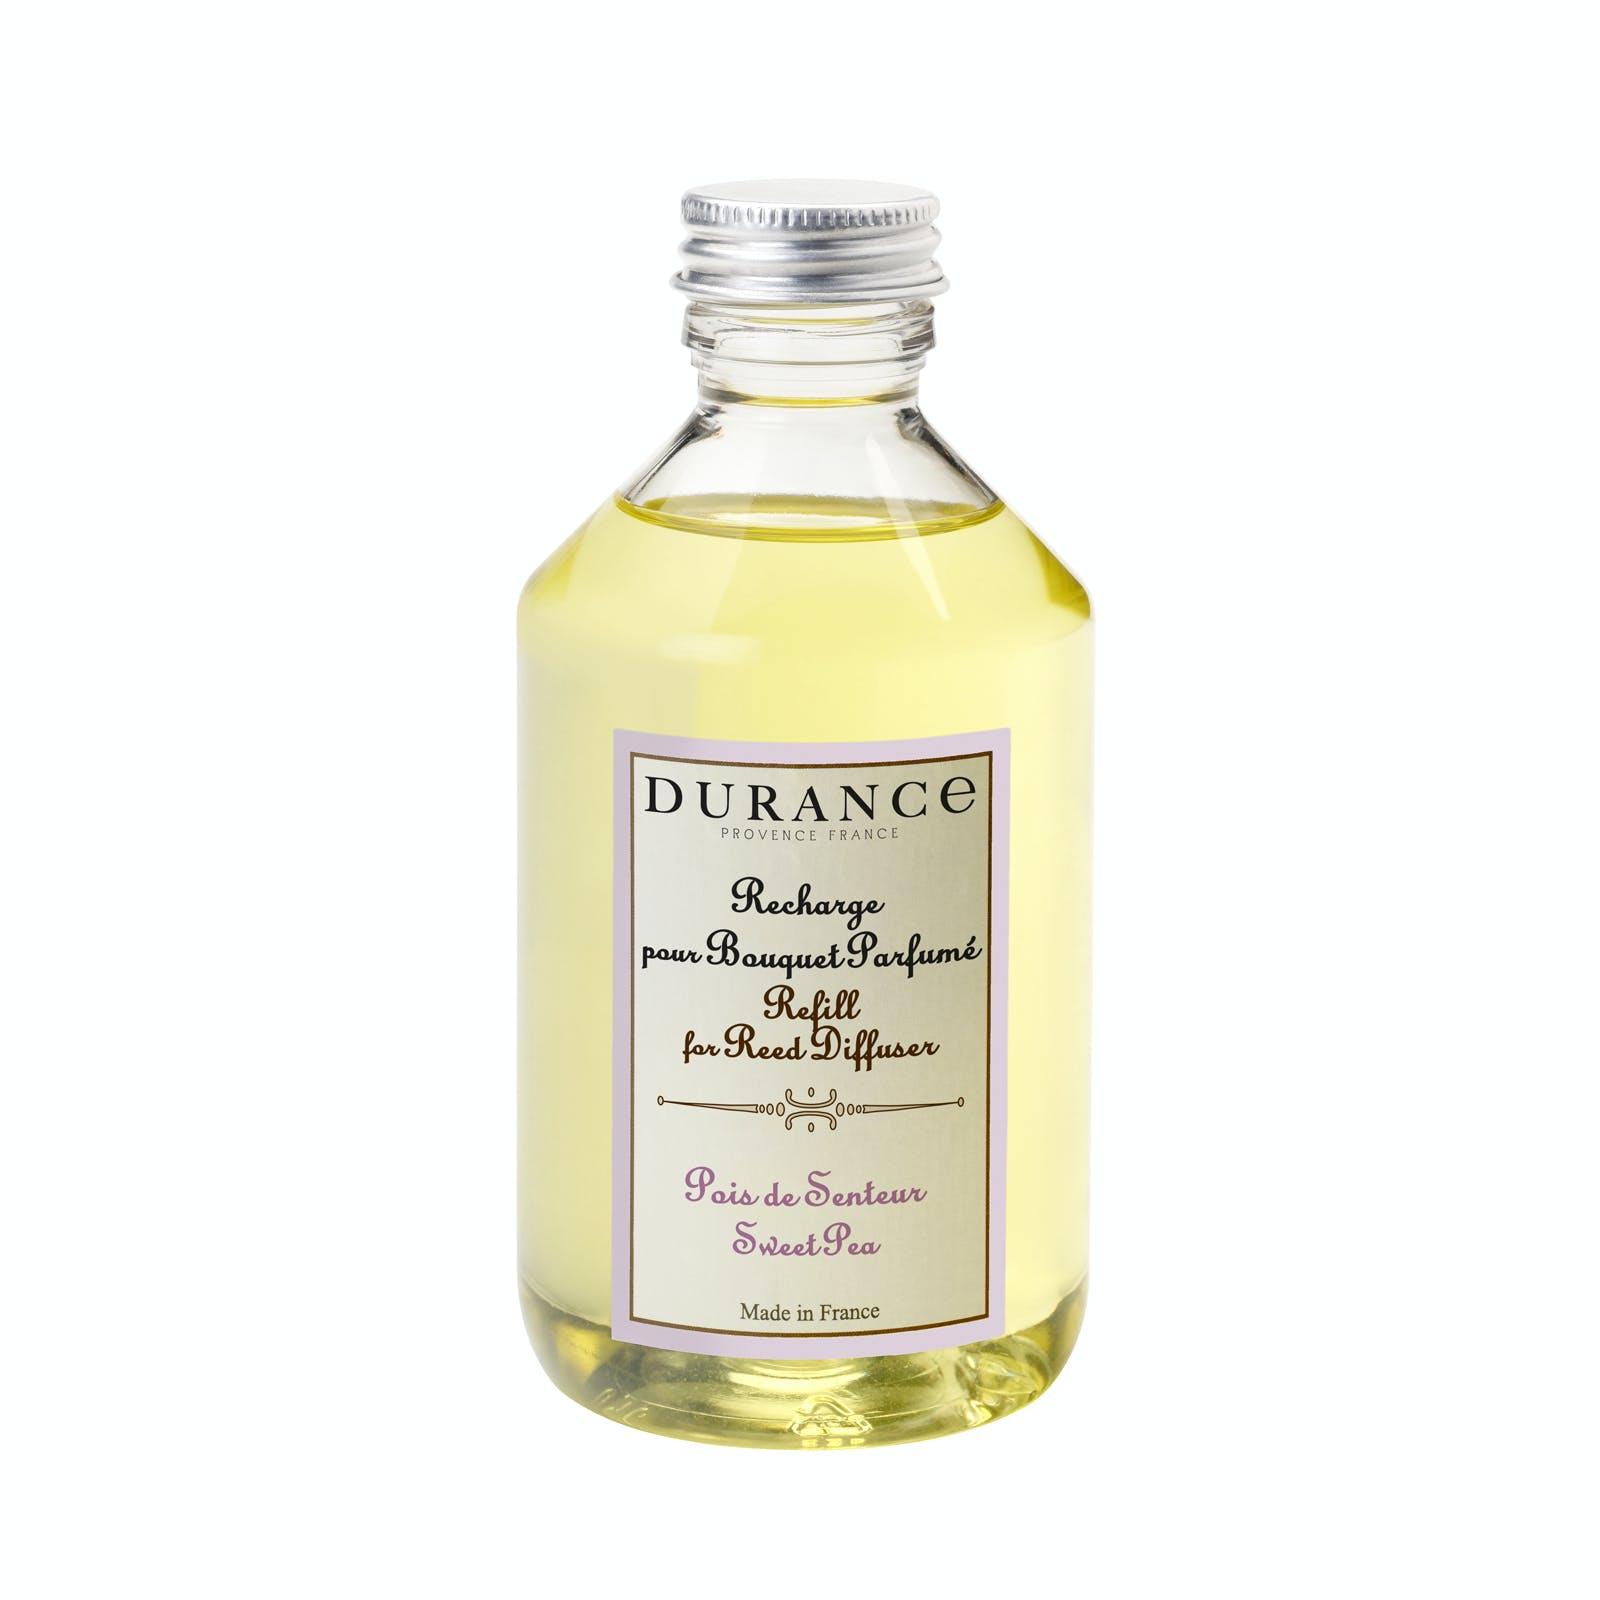 Recharge Pois de Senteur pour bouquet parfumé 250ml DURANCE